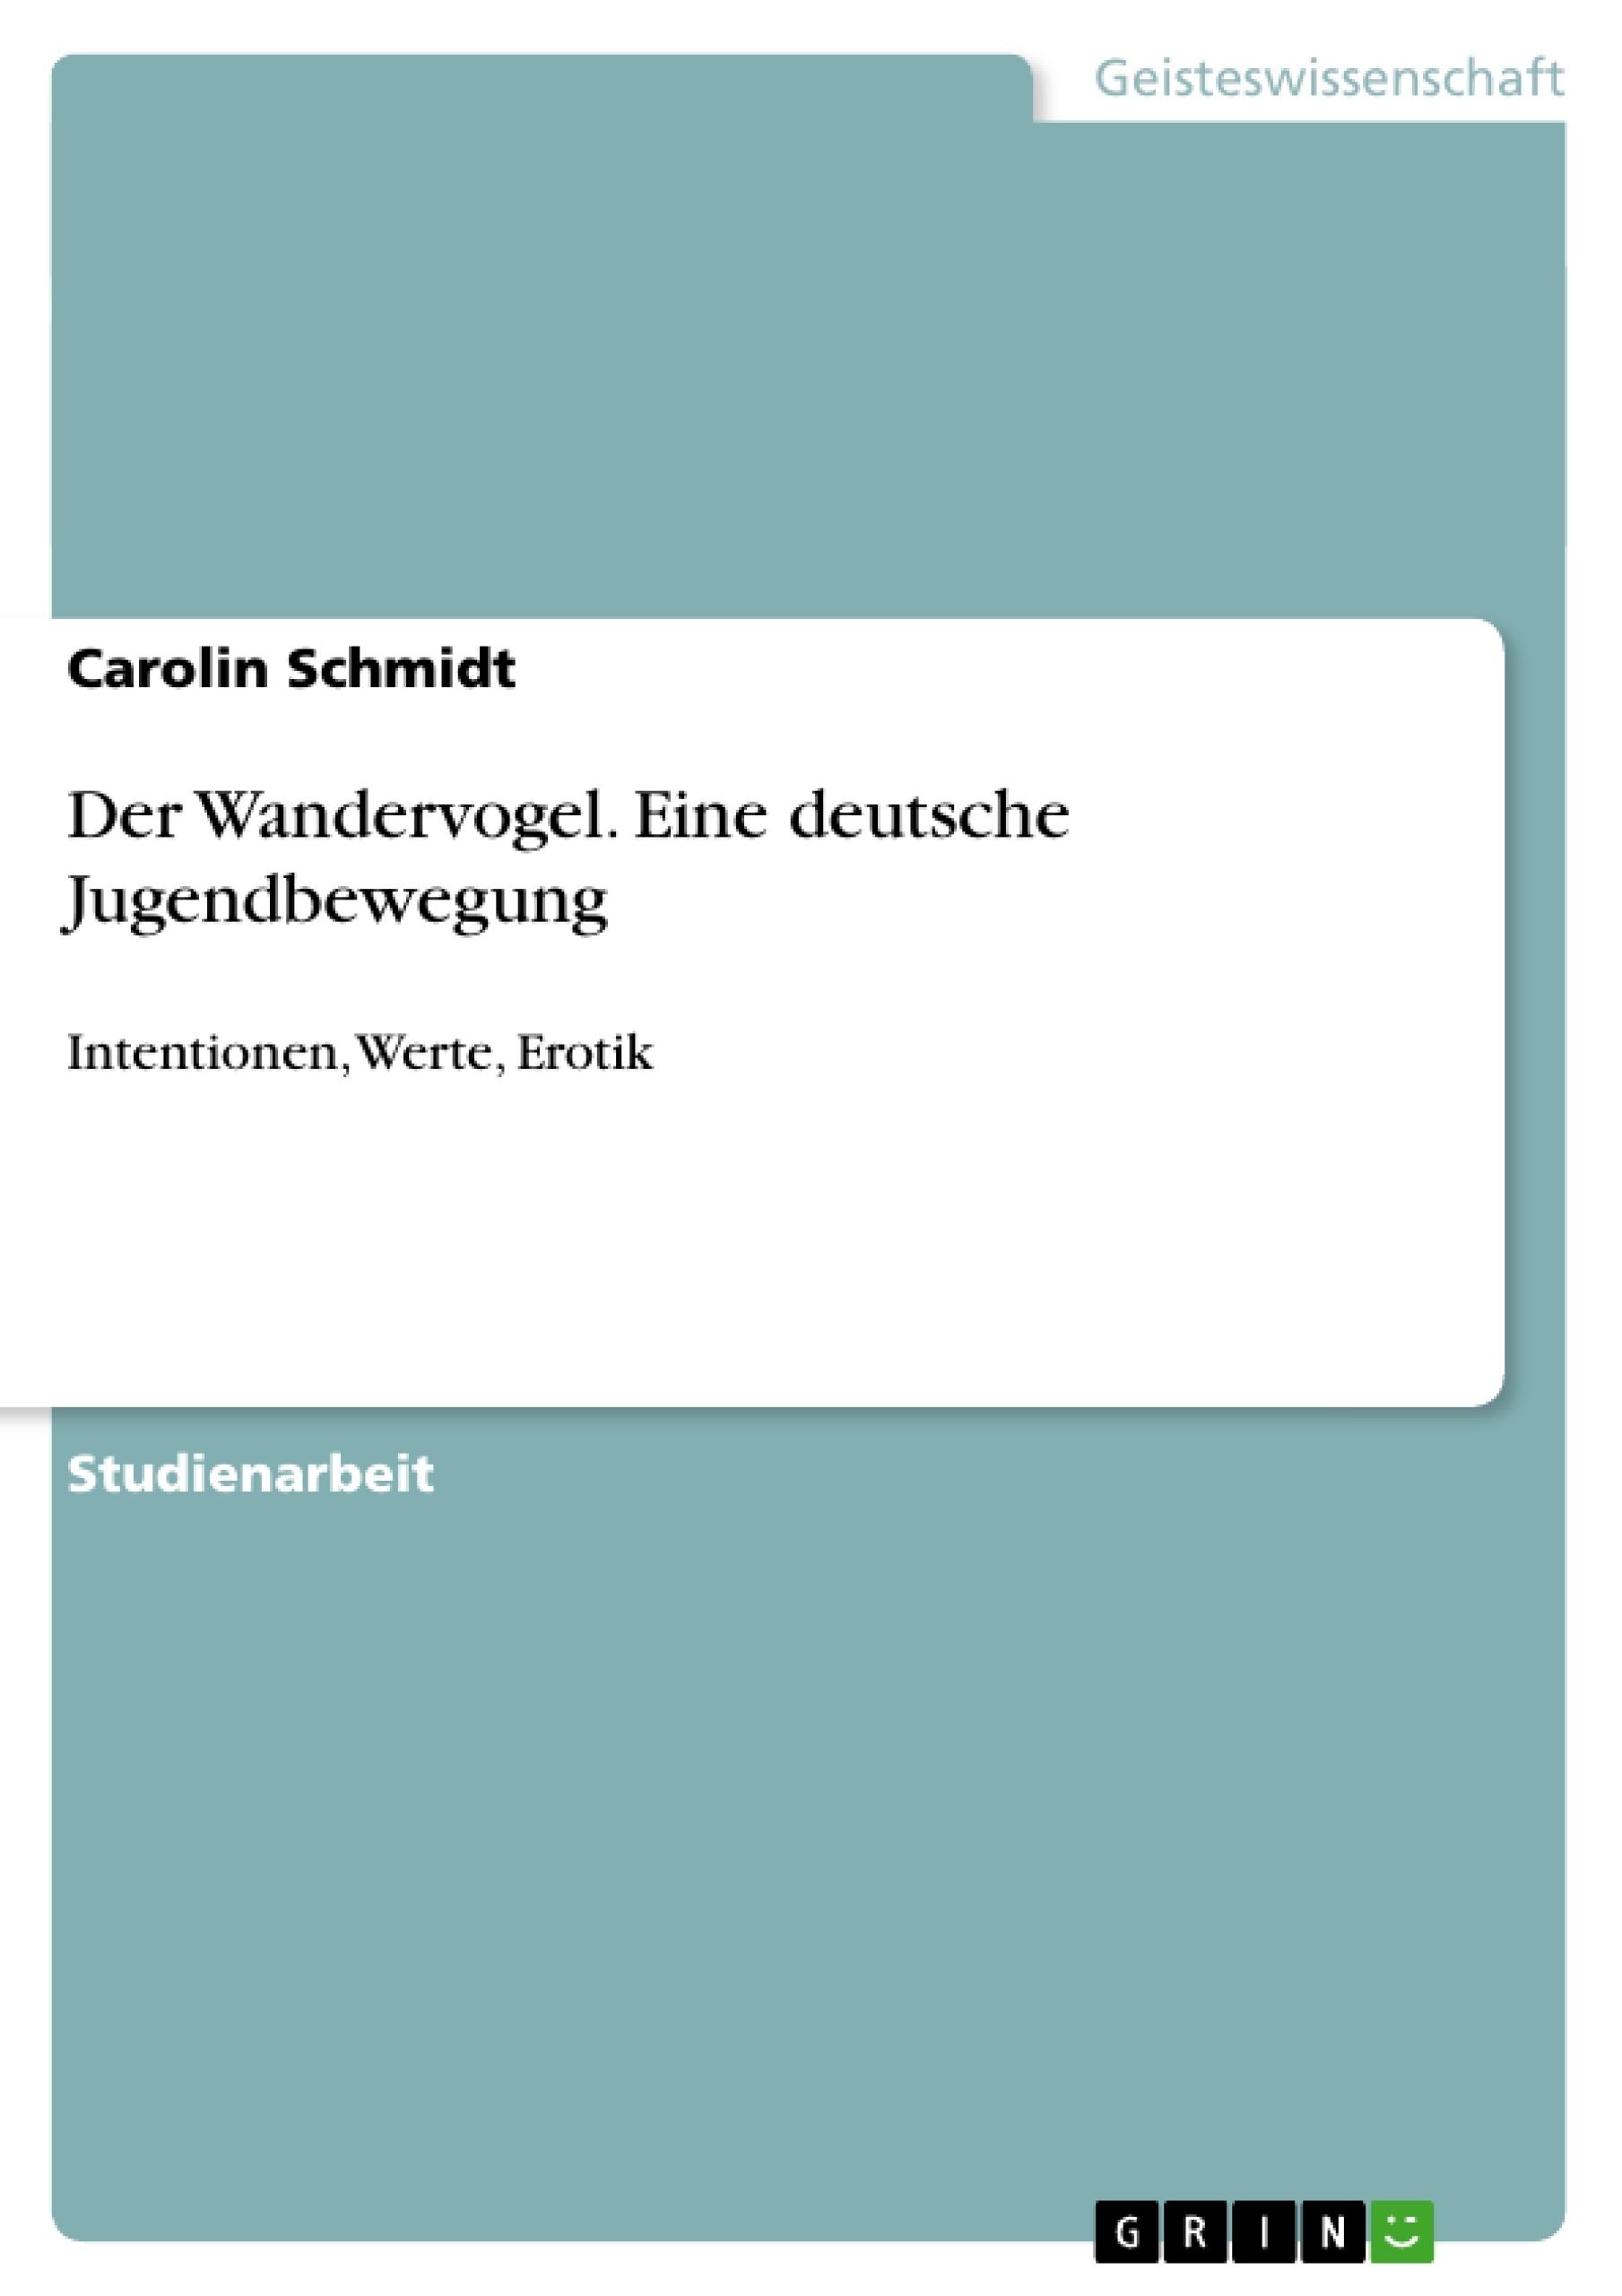 Titel: Der Wandervogel. Eine deutsche Jugendbewegung